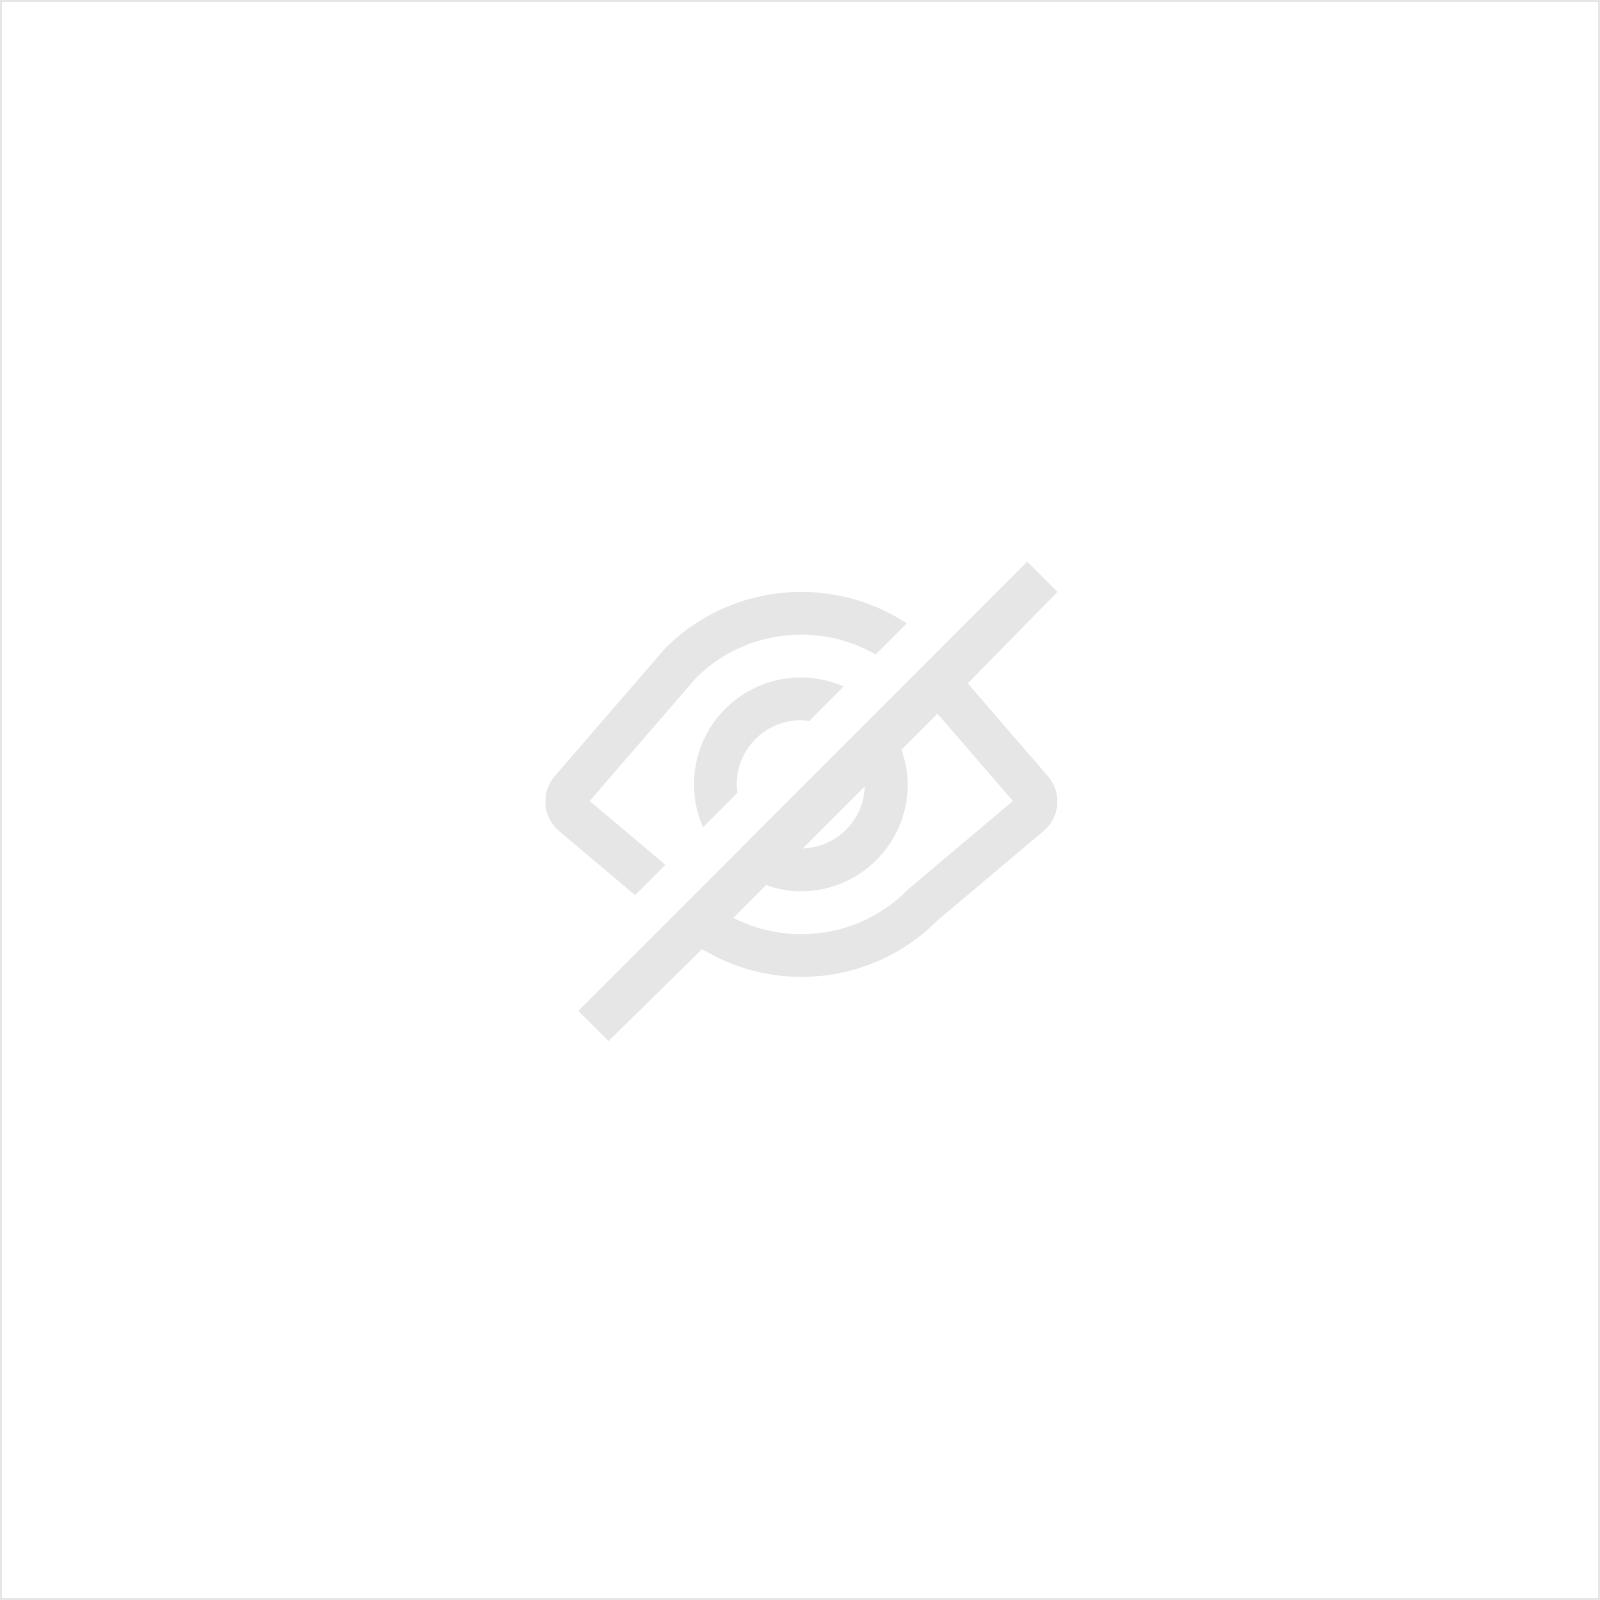 OPTIONEEL COMBINATIE ROLPAAR VOOR BOORD EN LIJSTMACHINE